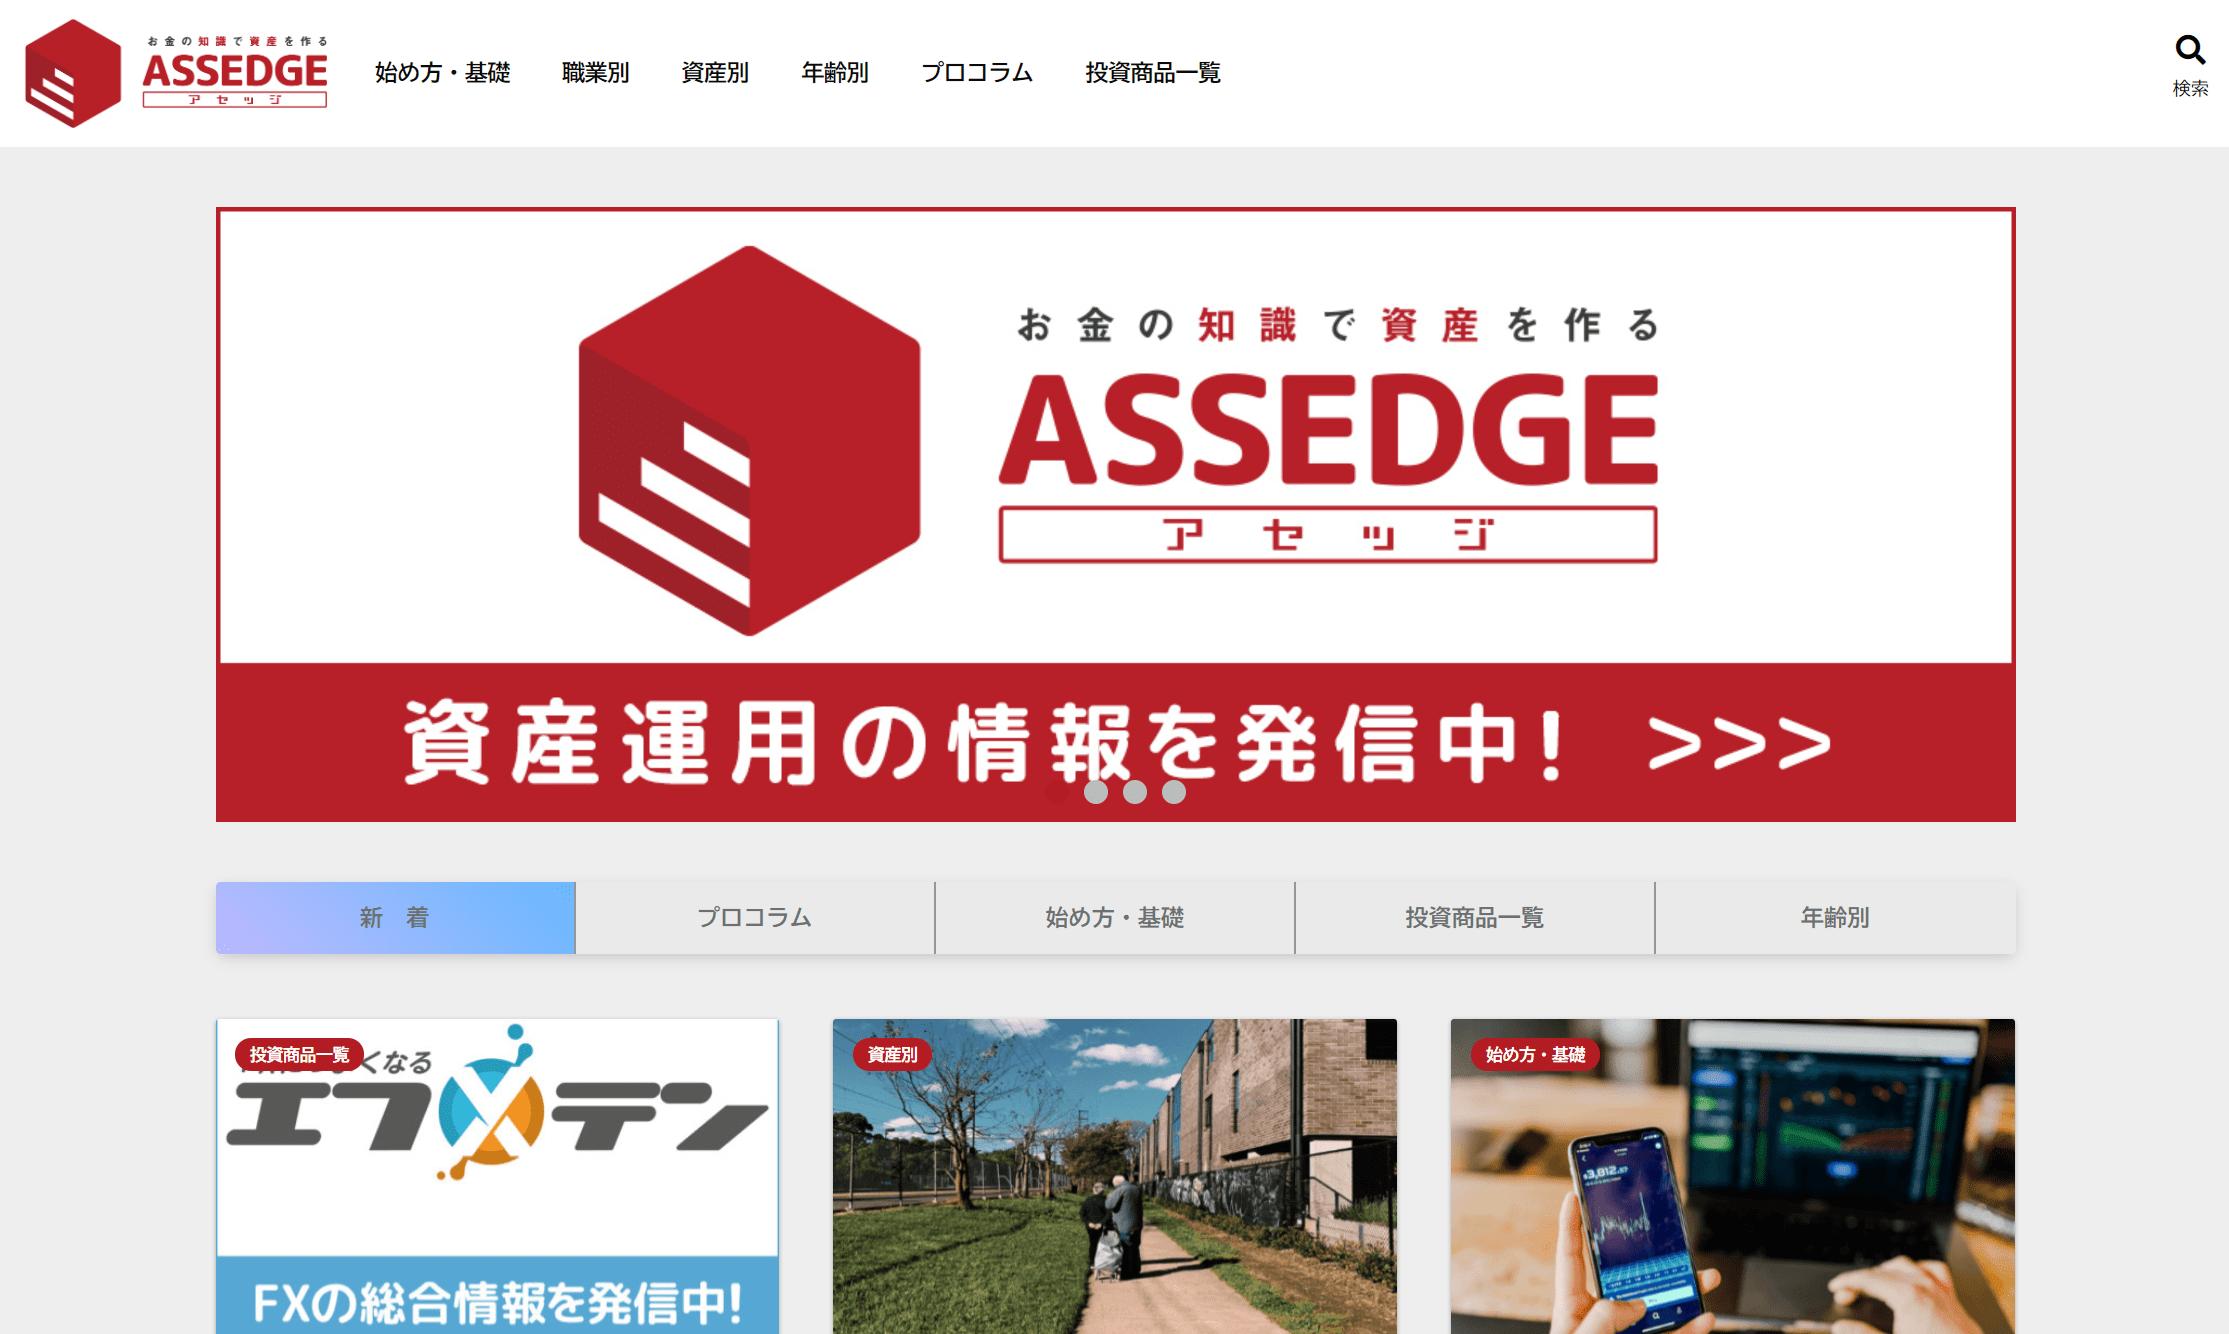 資産運用初心者向けの情報ブログ「アセッジ」、ついにリリース決定!